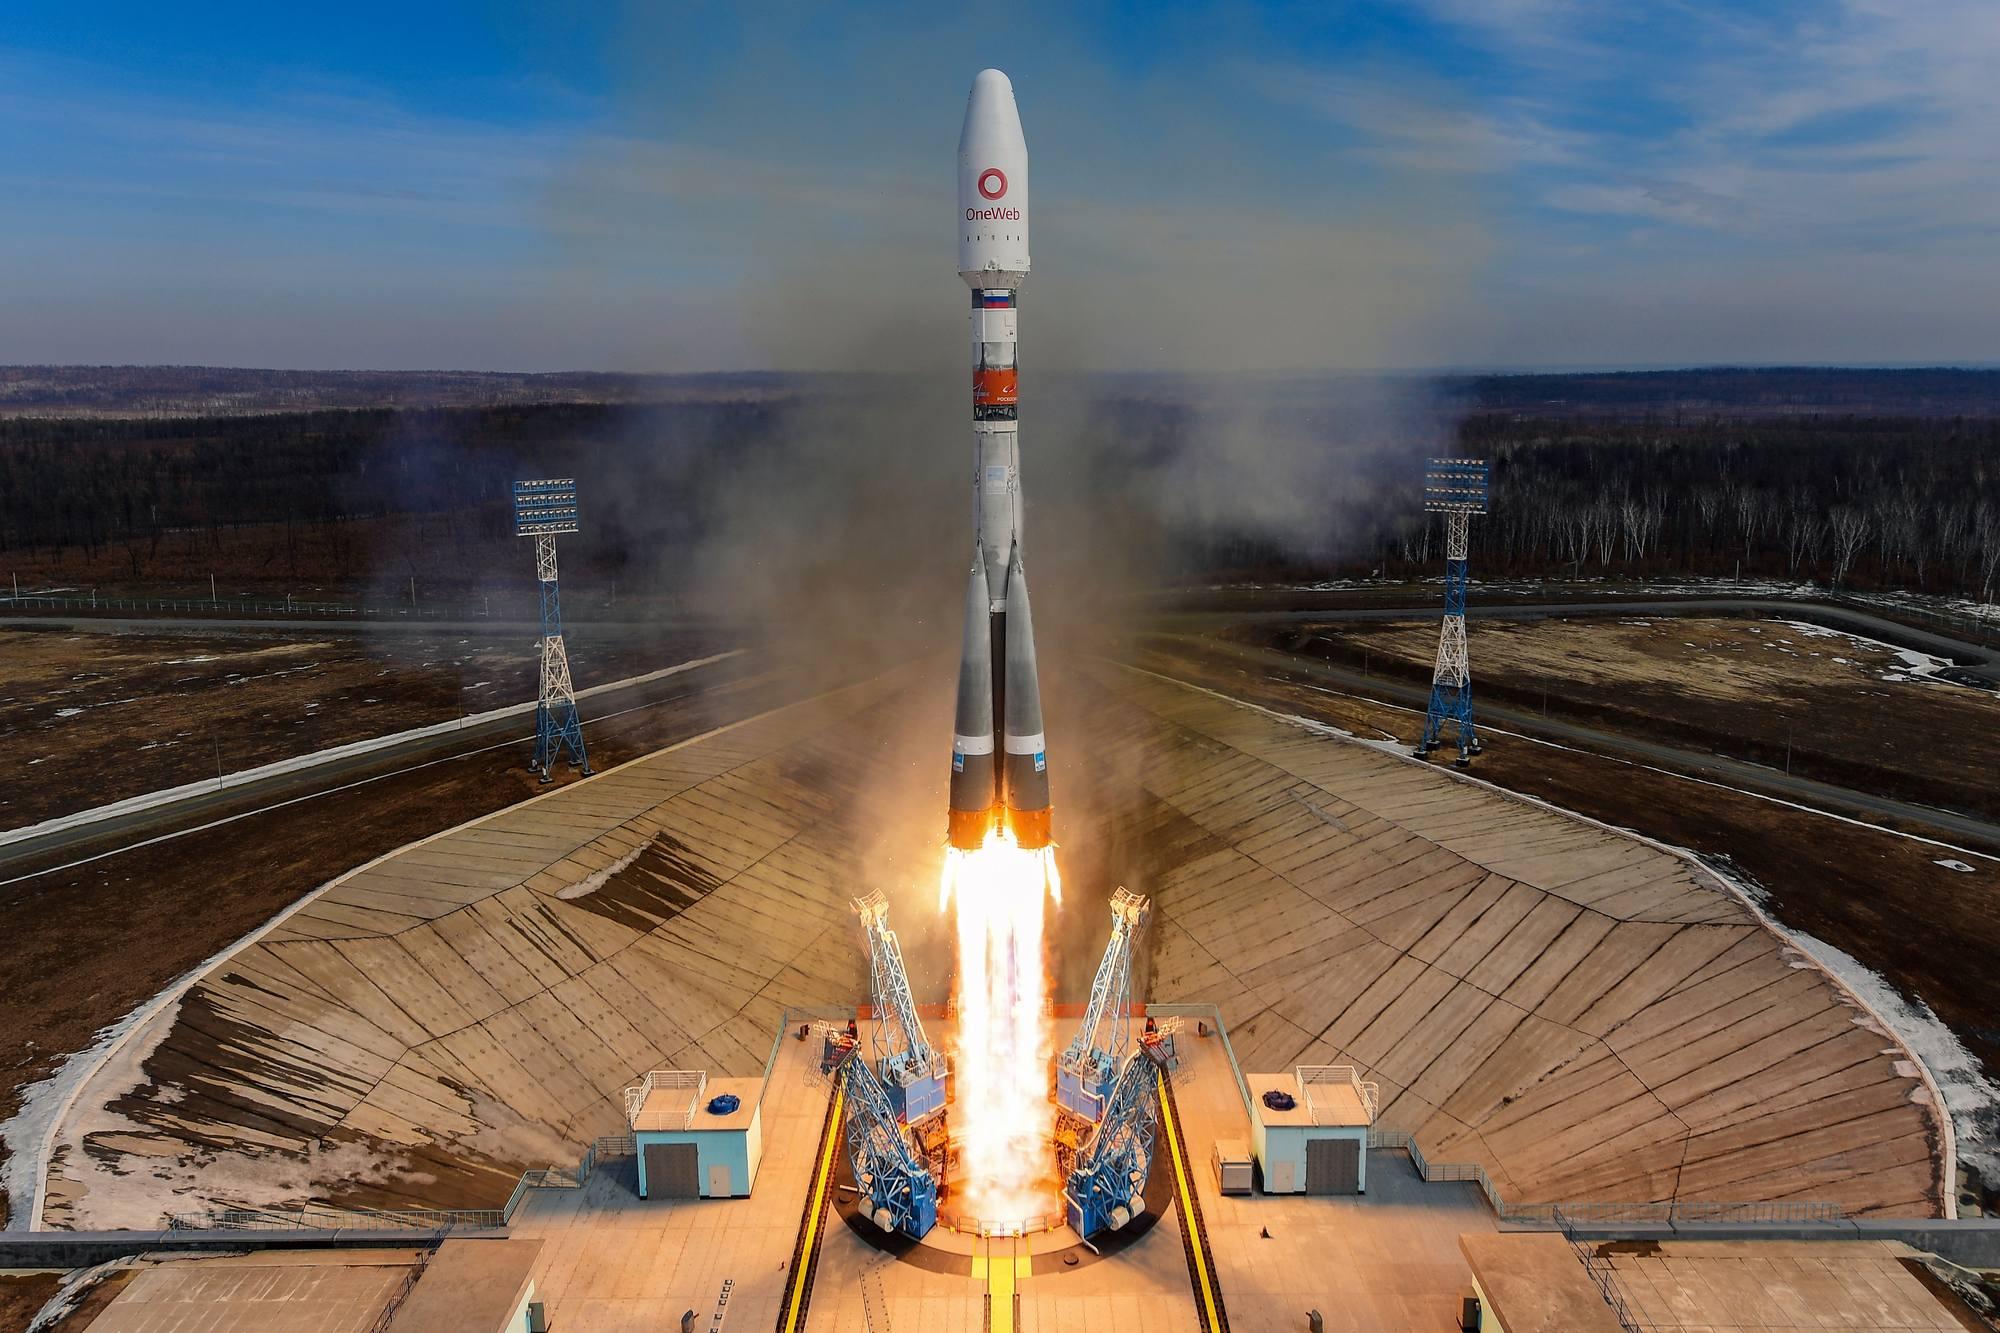 Le lanceur Soyouz 2.1b quitte le pas de tir avec ses 36 satellites OneWeb.